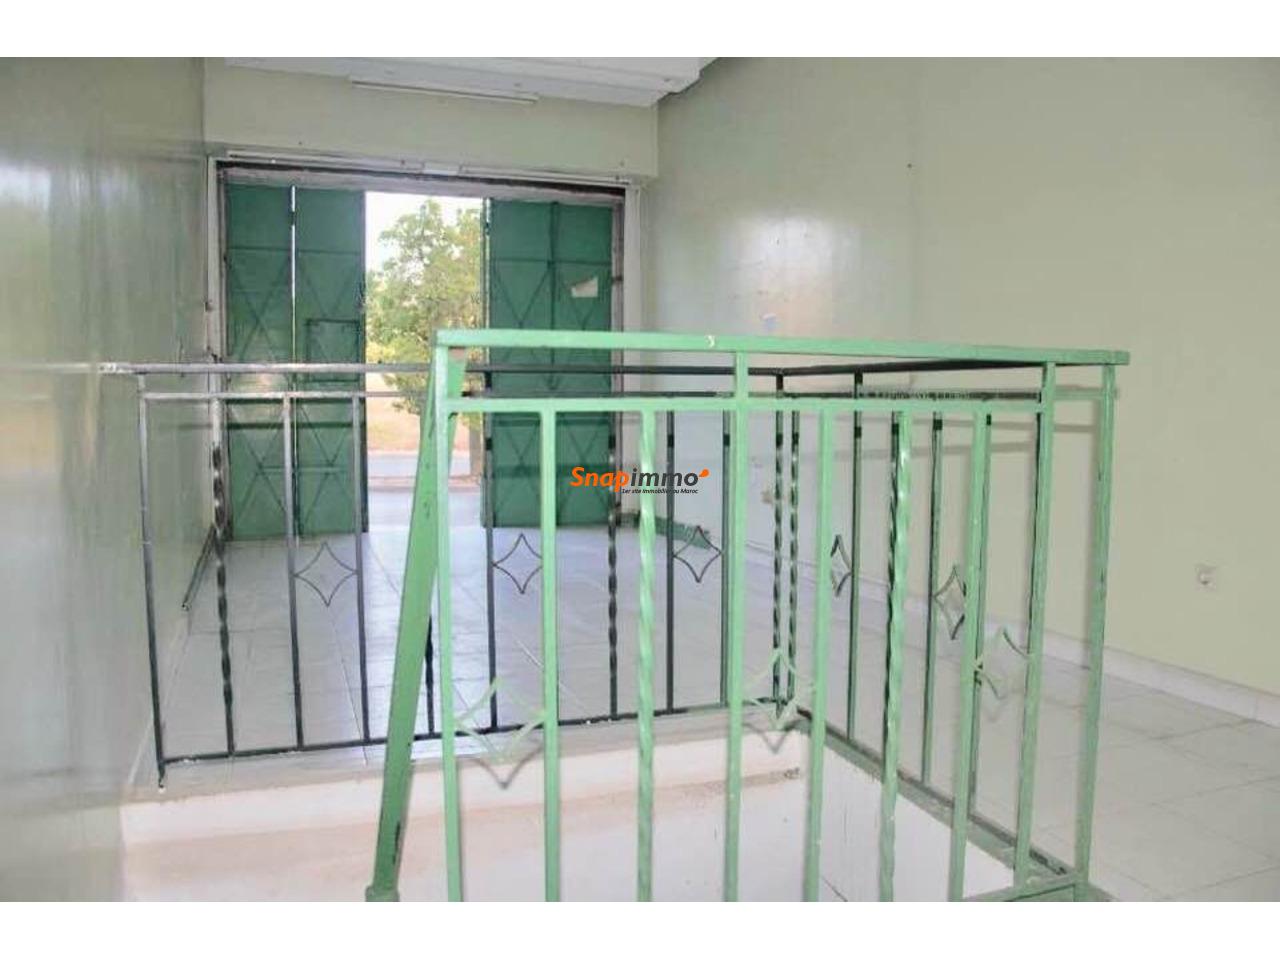 Espace de 18 m2 pour commerce ou bureau à louer - 2/3